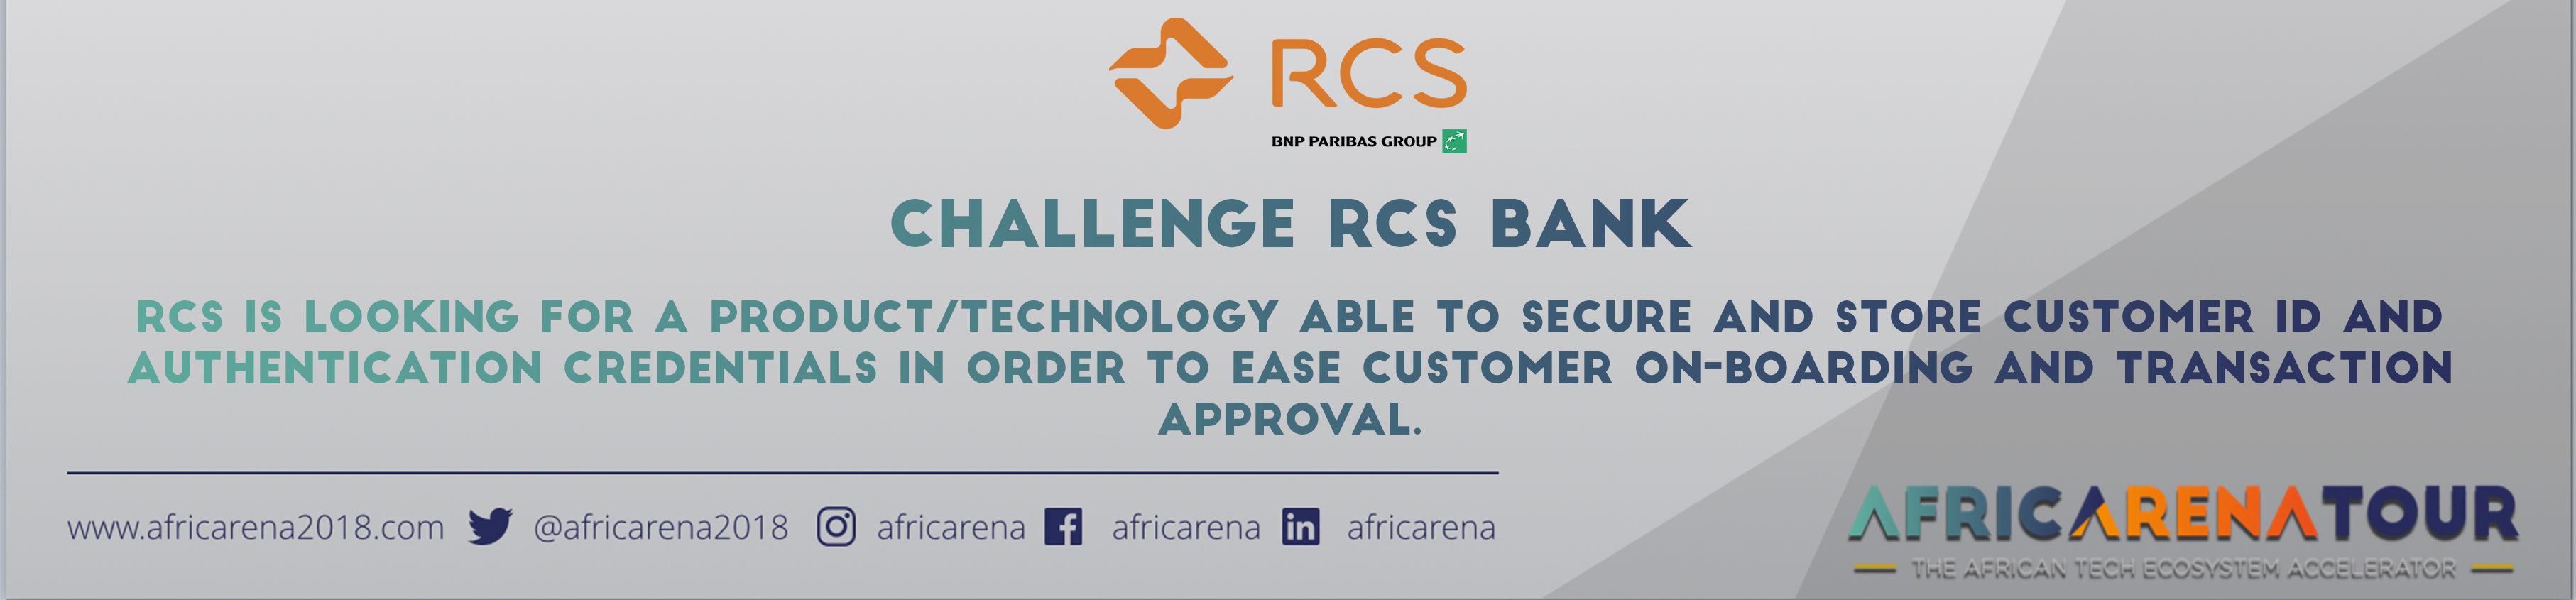 RCS Bank Challenge